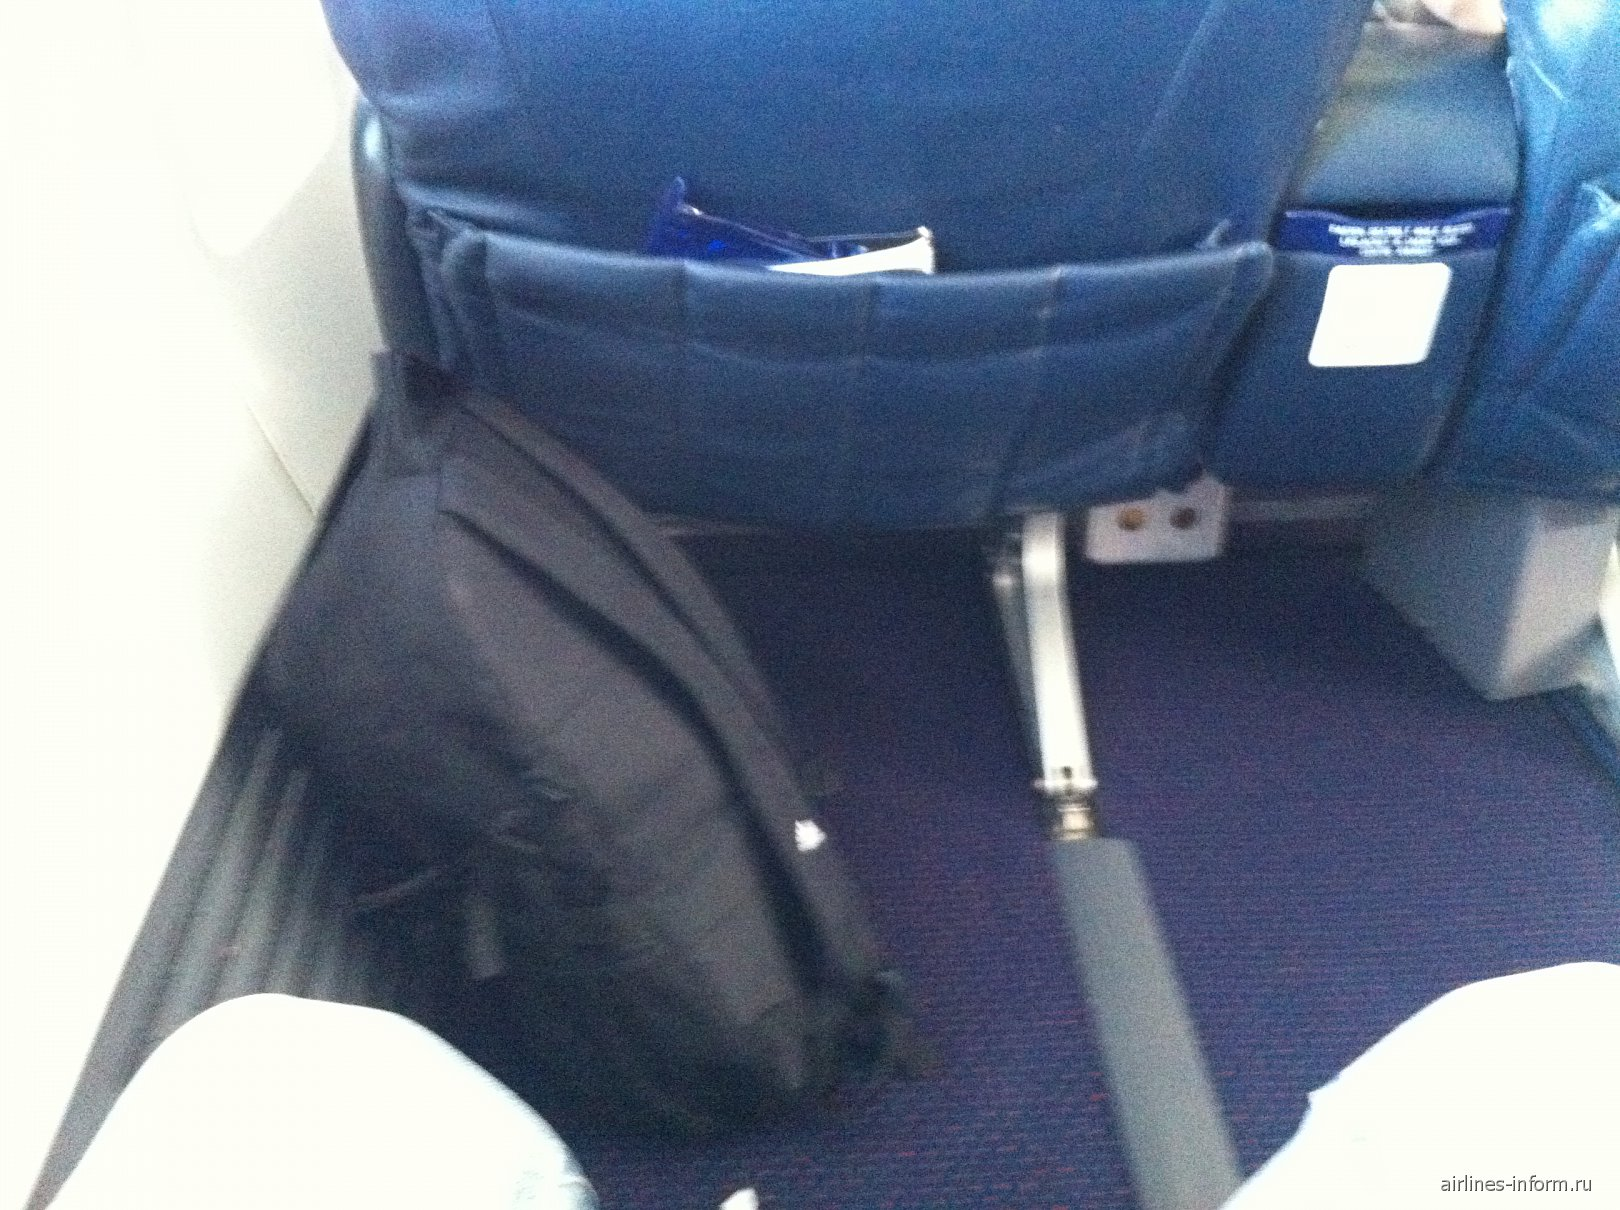 Кресло бизнес-класса в Боинге-737-800 Трансаэро